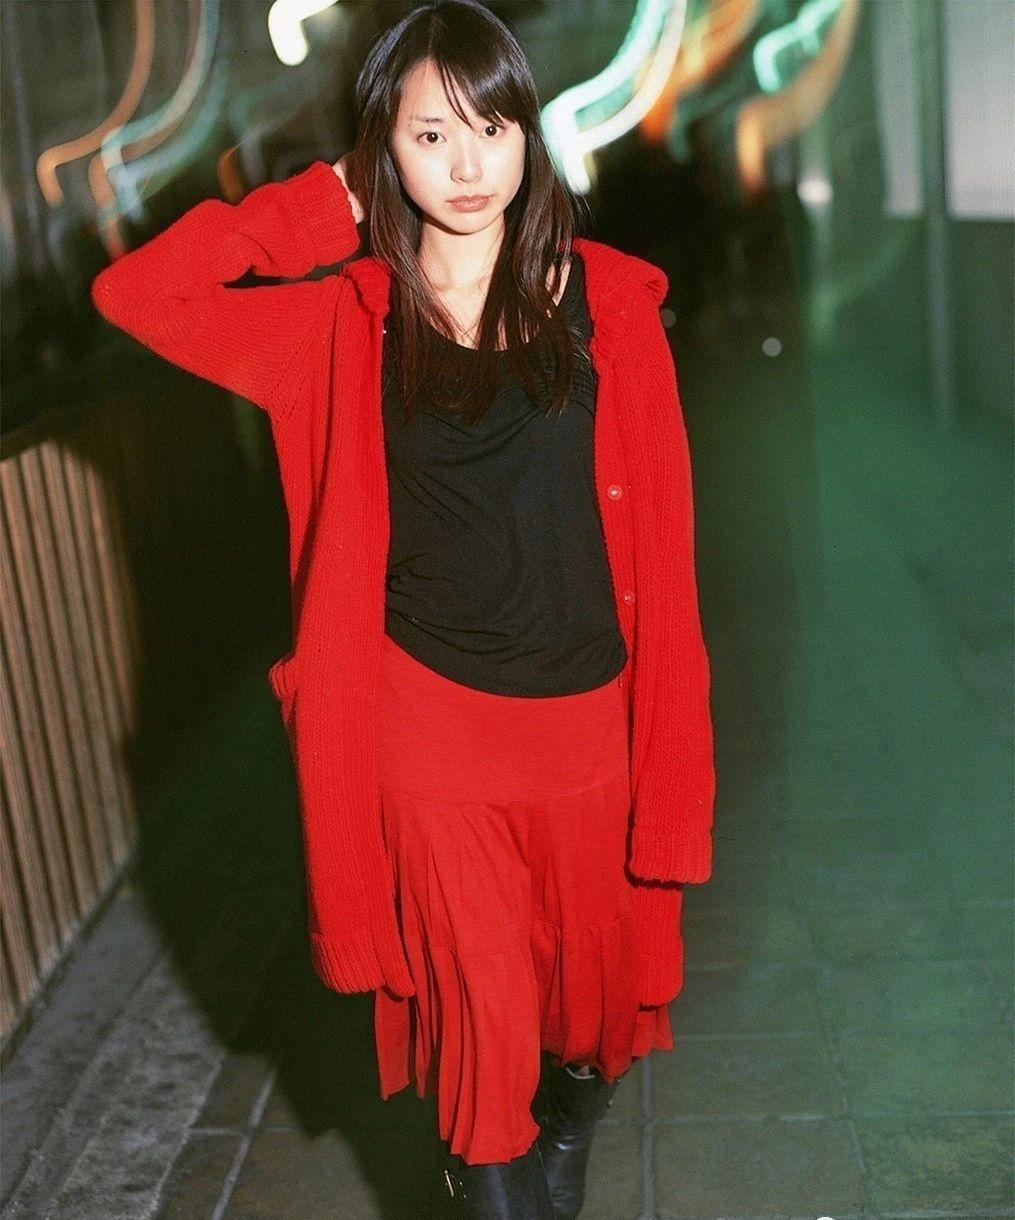 美的不可方物少女时代的户田惠梨香写真作品 (69)